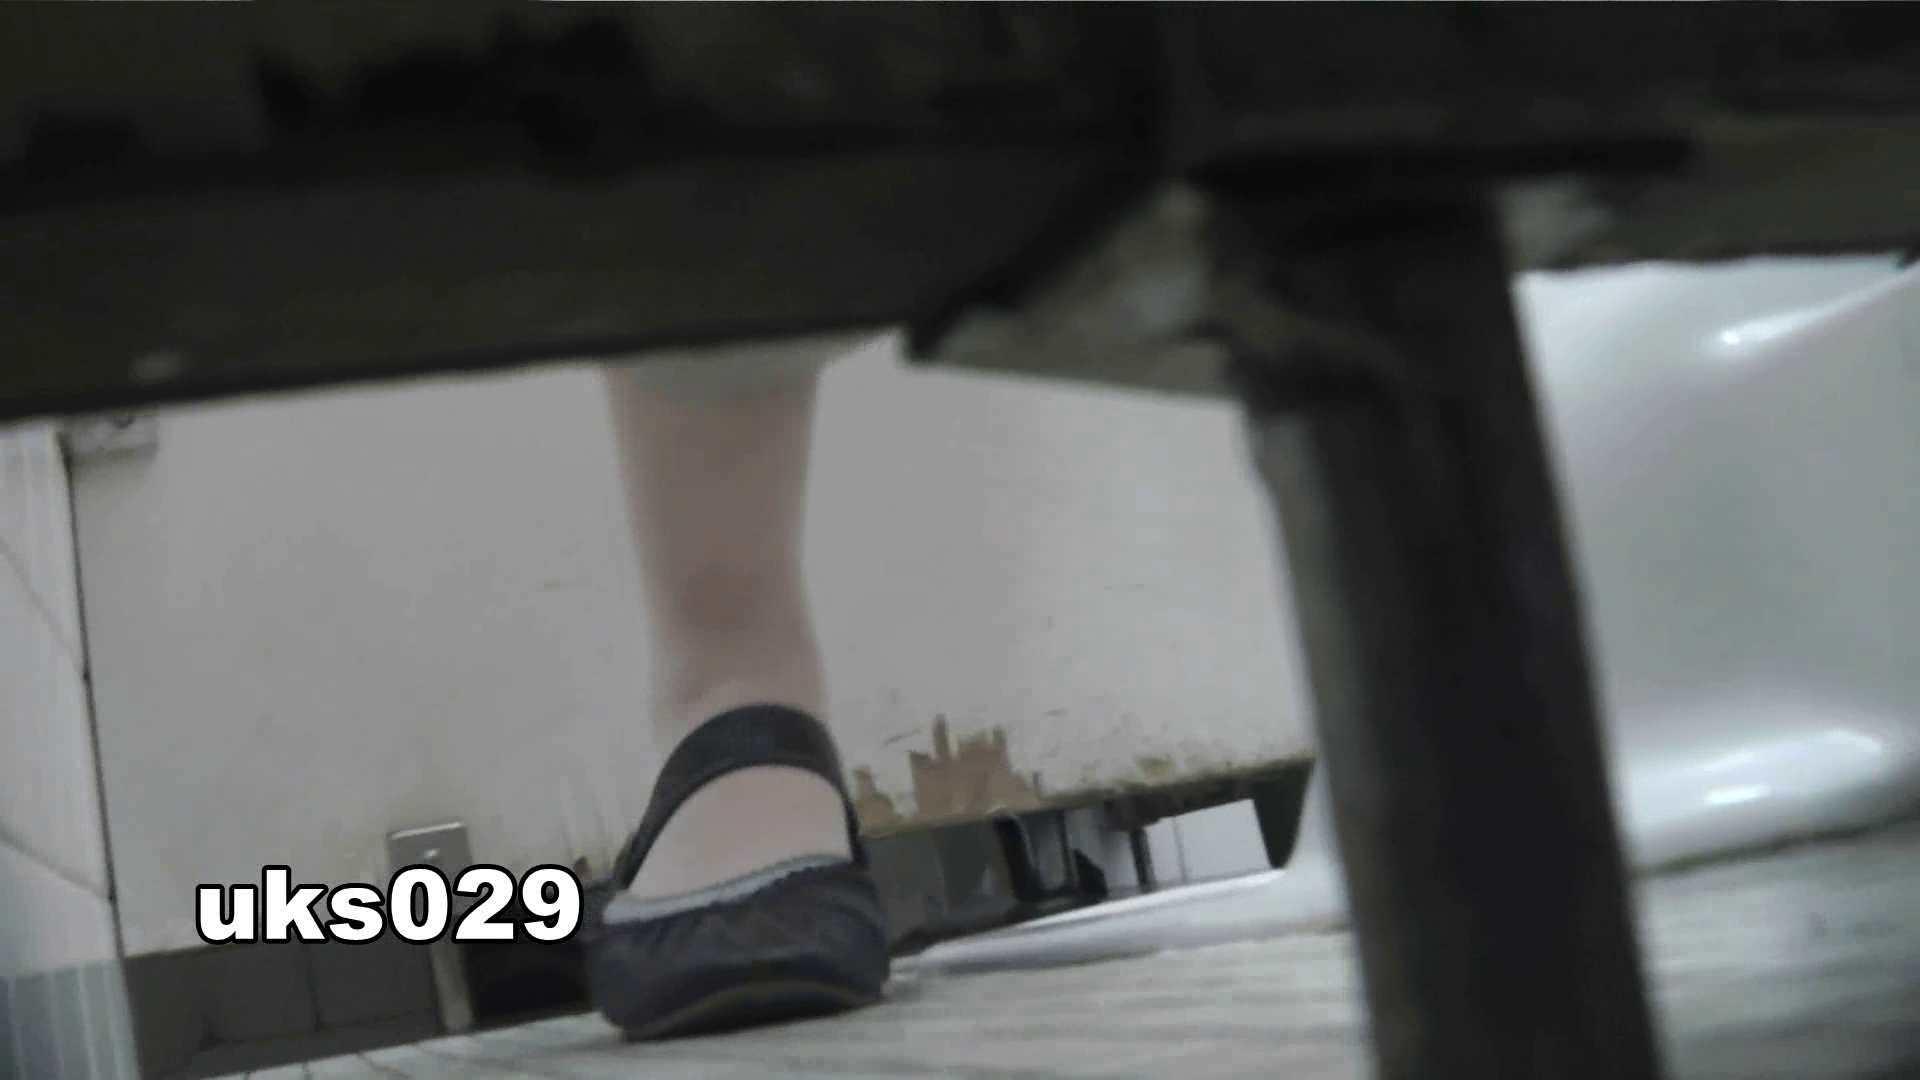 【美しき個室な世界】 vol.029 澄ました顔してにょろにょろ~ 高画質動画 アダルト動画キャプチャ 52画像 26